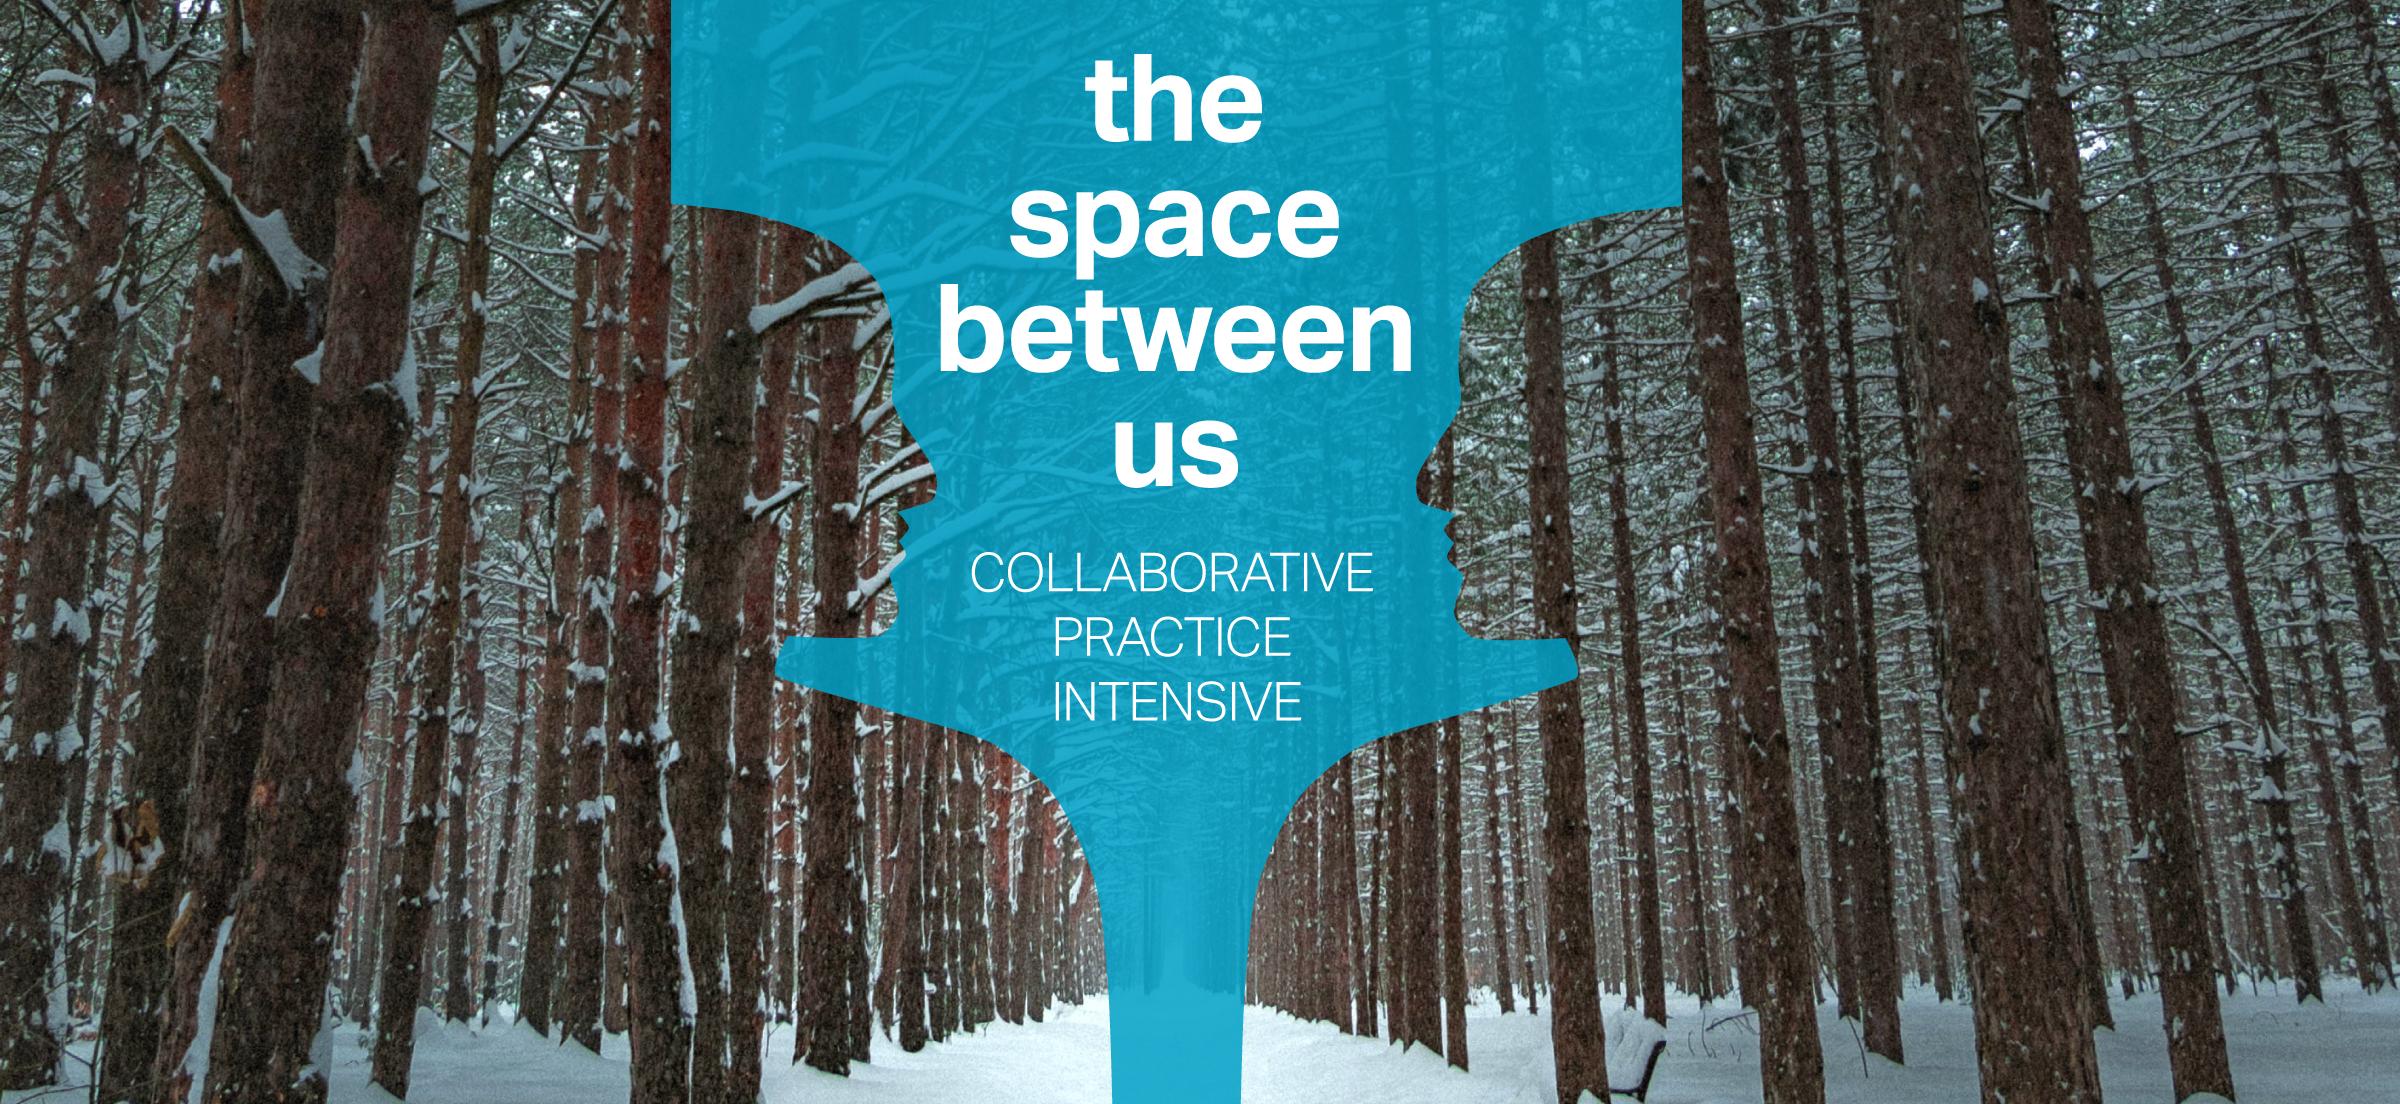 TheSpaceBetweenUs_Web.png